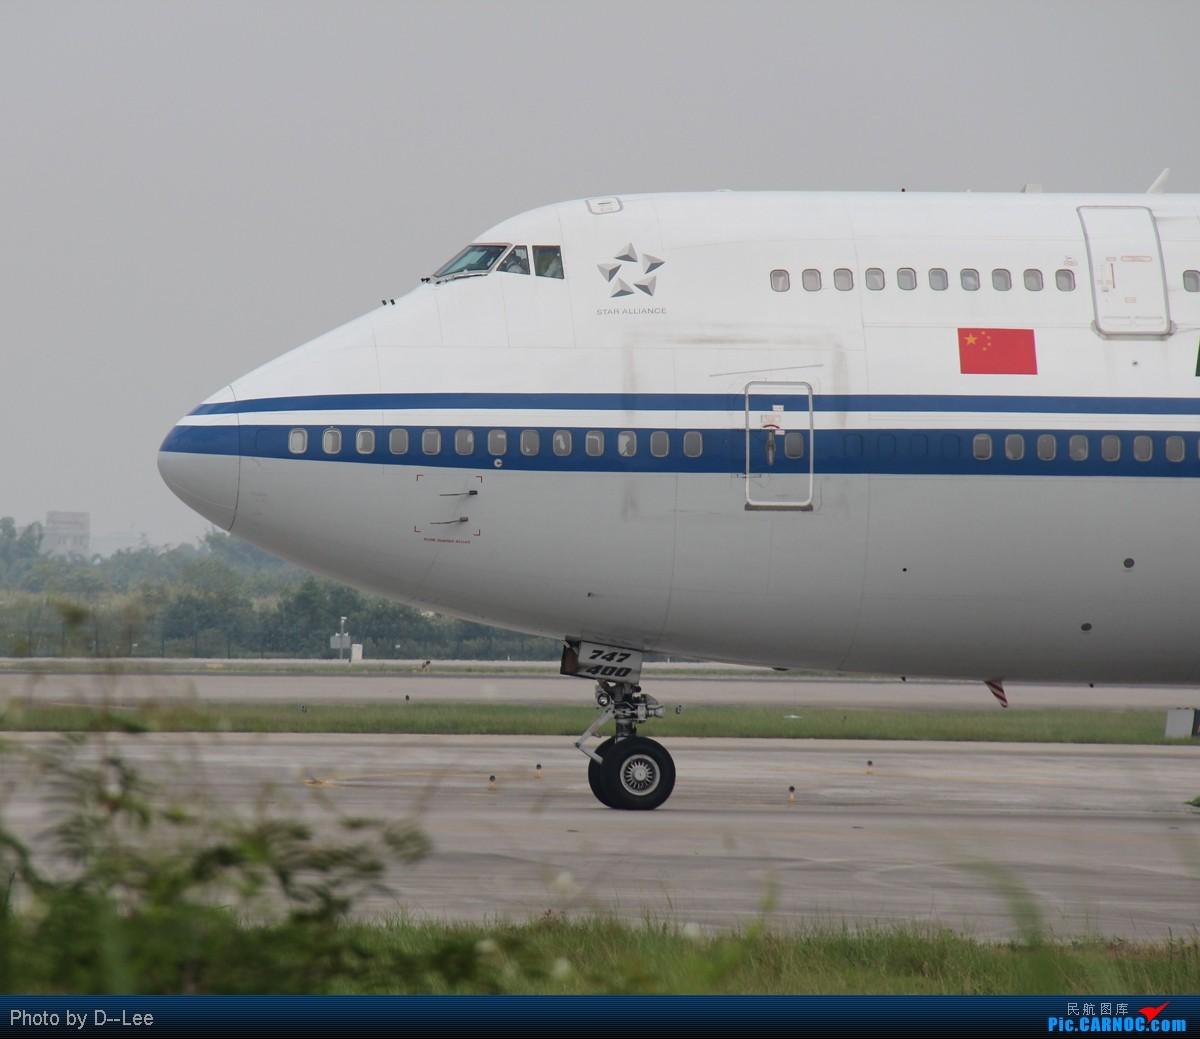 Re:[原创]【广州,你好】-单反第一帖,换个阶级了,国航精彩CAN,绝对精彩,双747,双奇特彩绘 BOEING 747-400 B-2467 中国广州白云机场